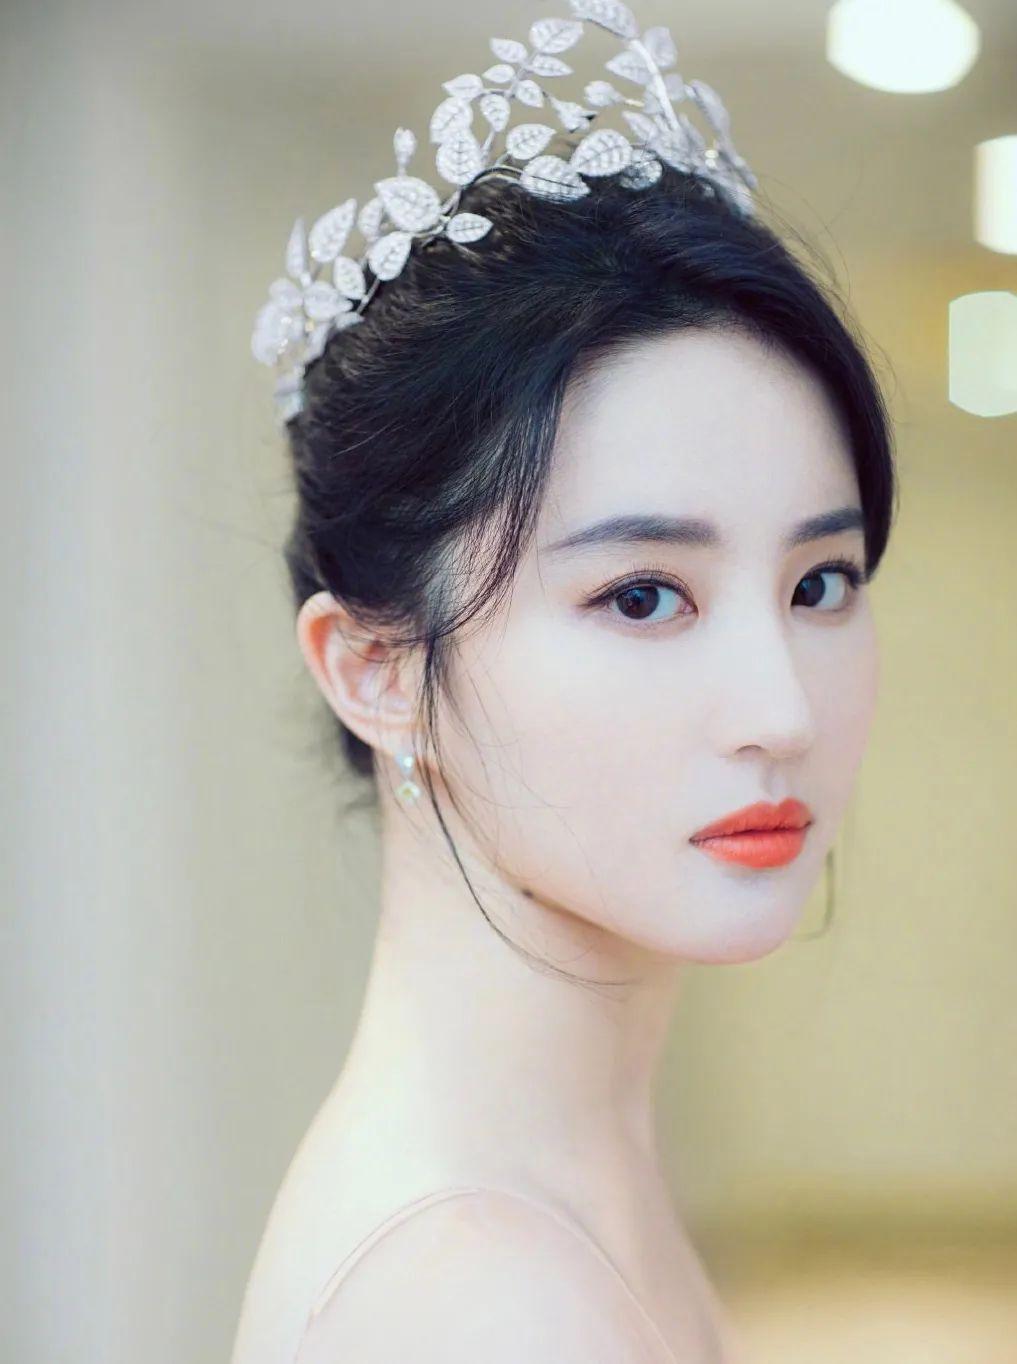 妹子写真 – 女王范的刘亦菲和傻白甜的赖美云,你更喜欢哪一位?_图片 No.7